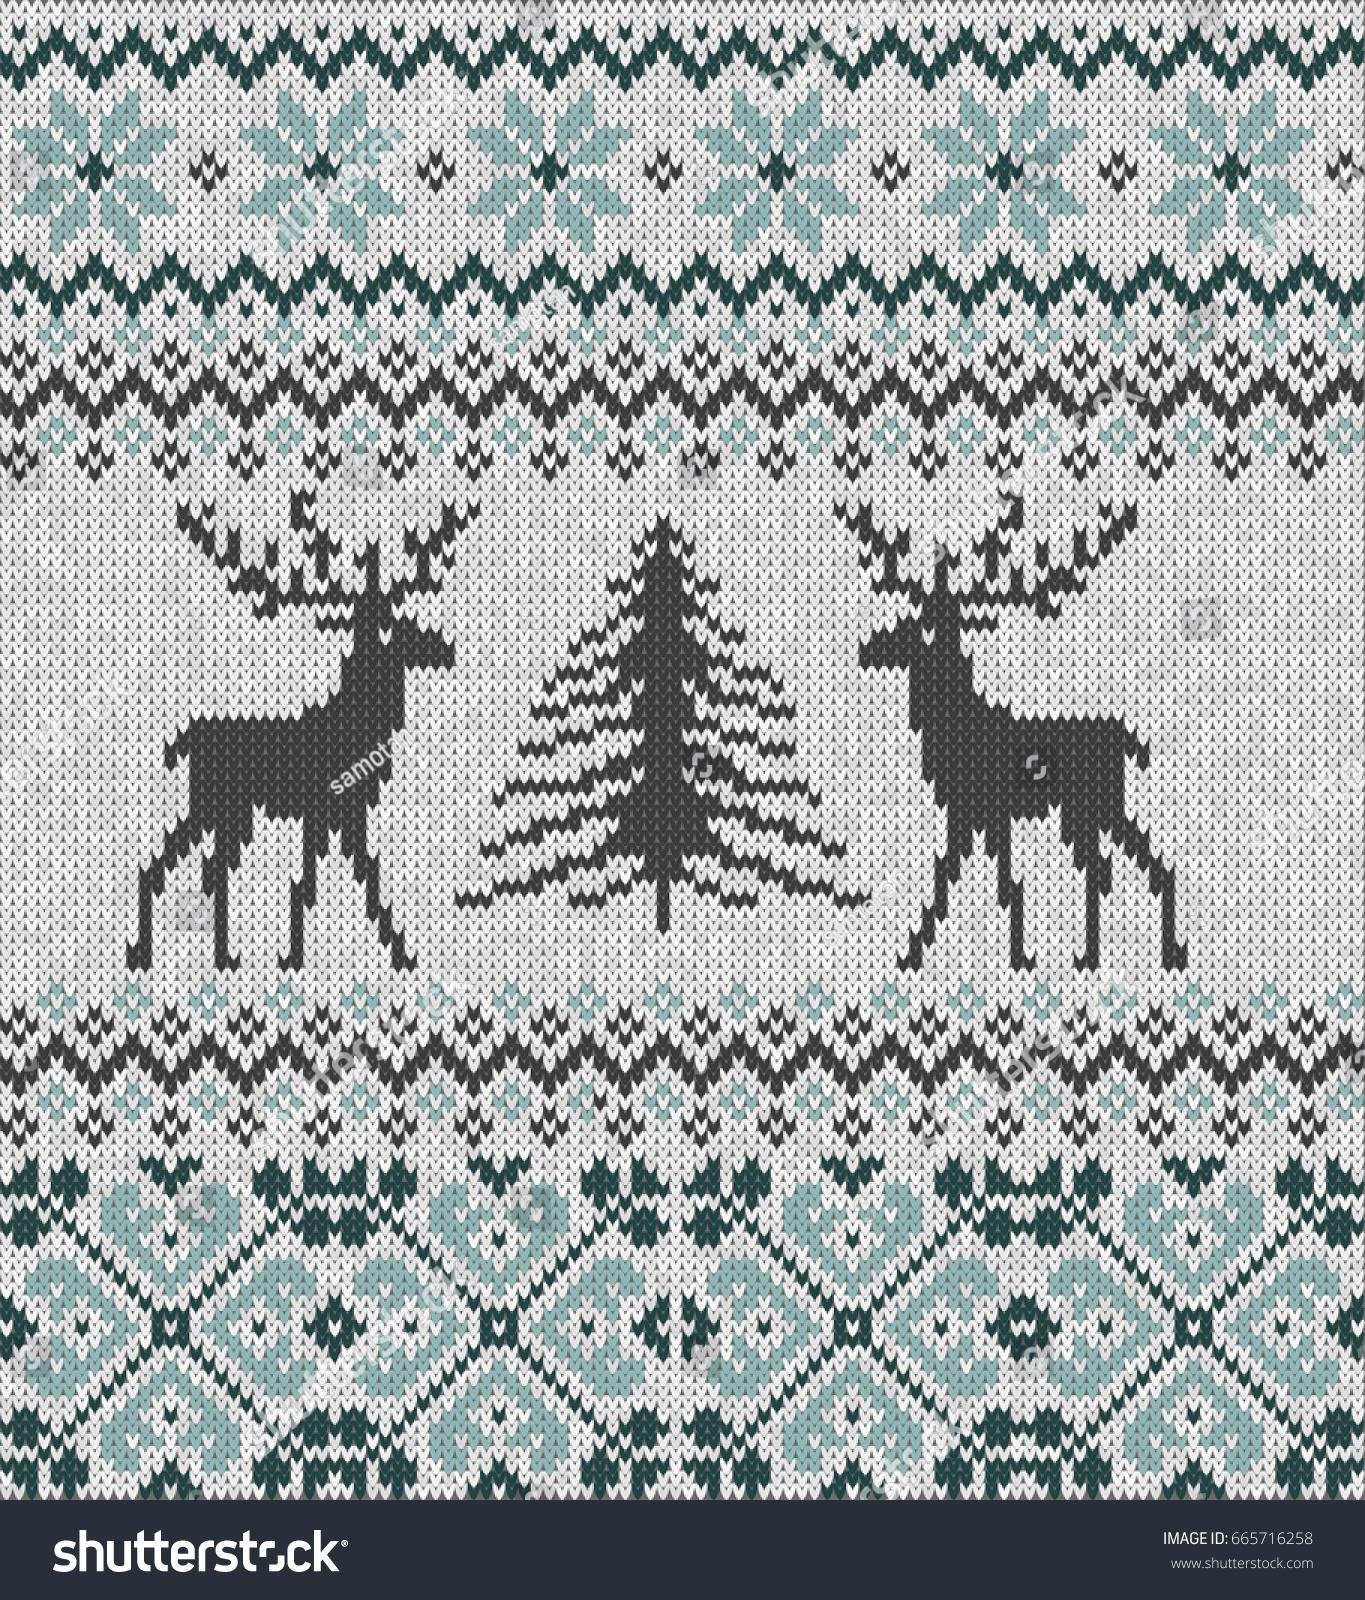 Scandinavian Winter Ornament Christmas Seamless Knitted Vector de ...